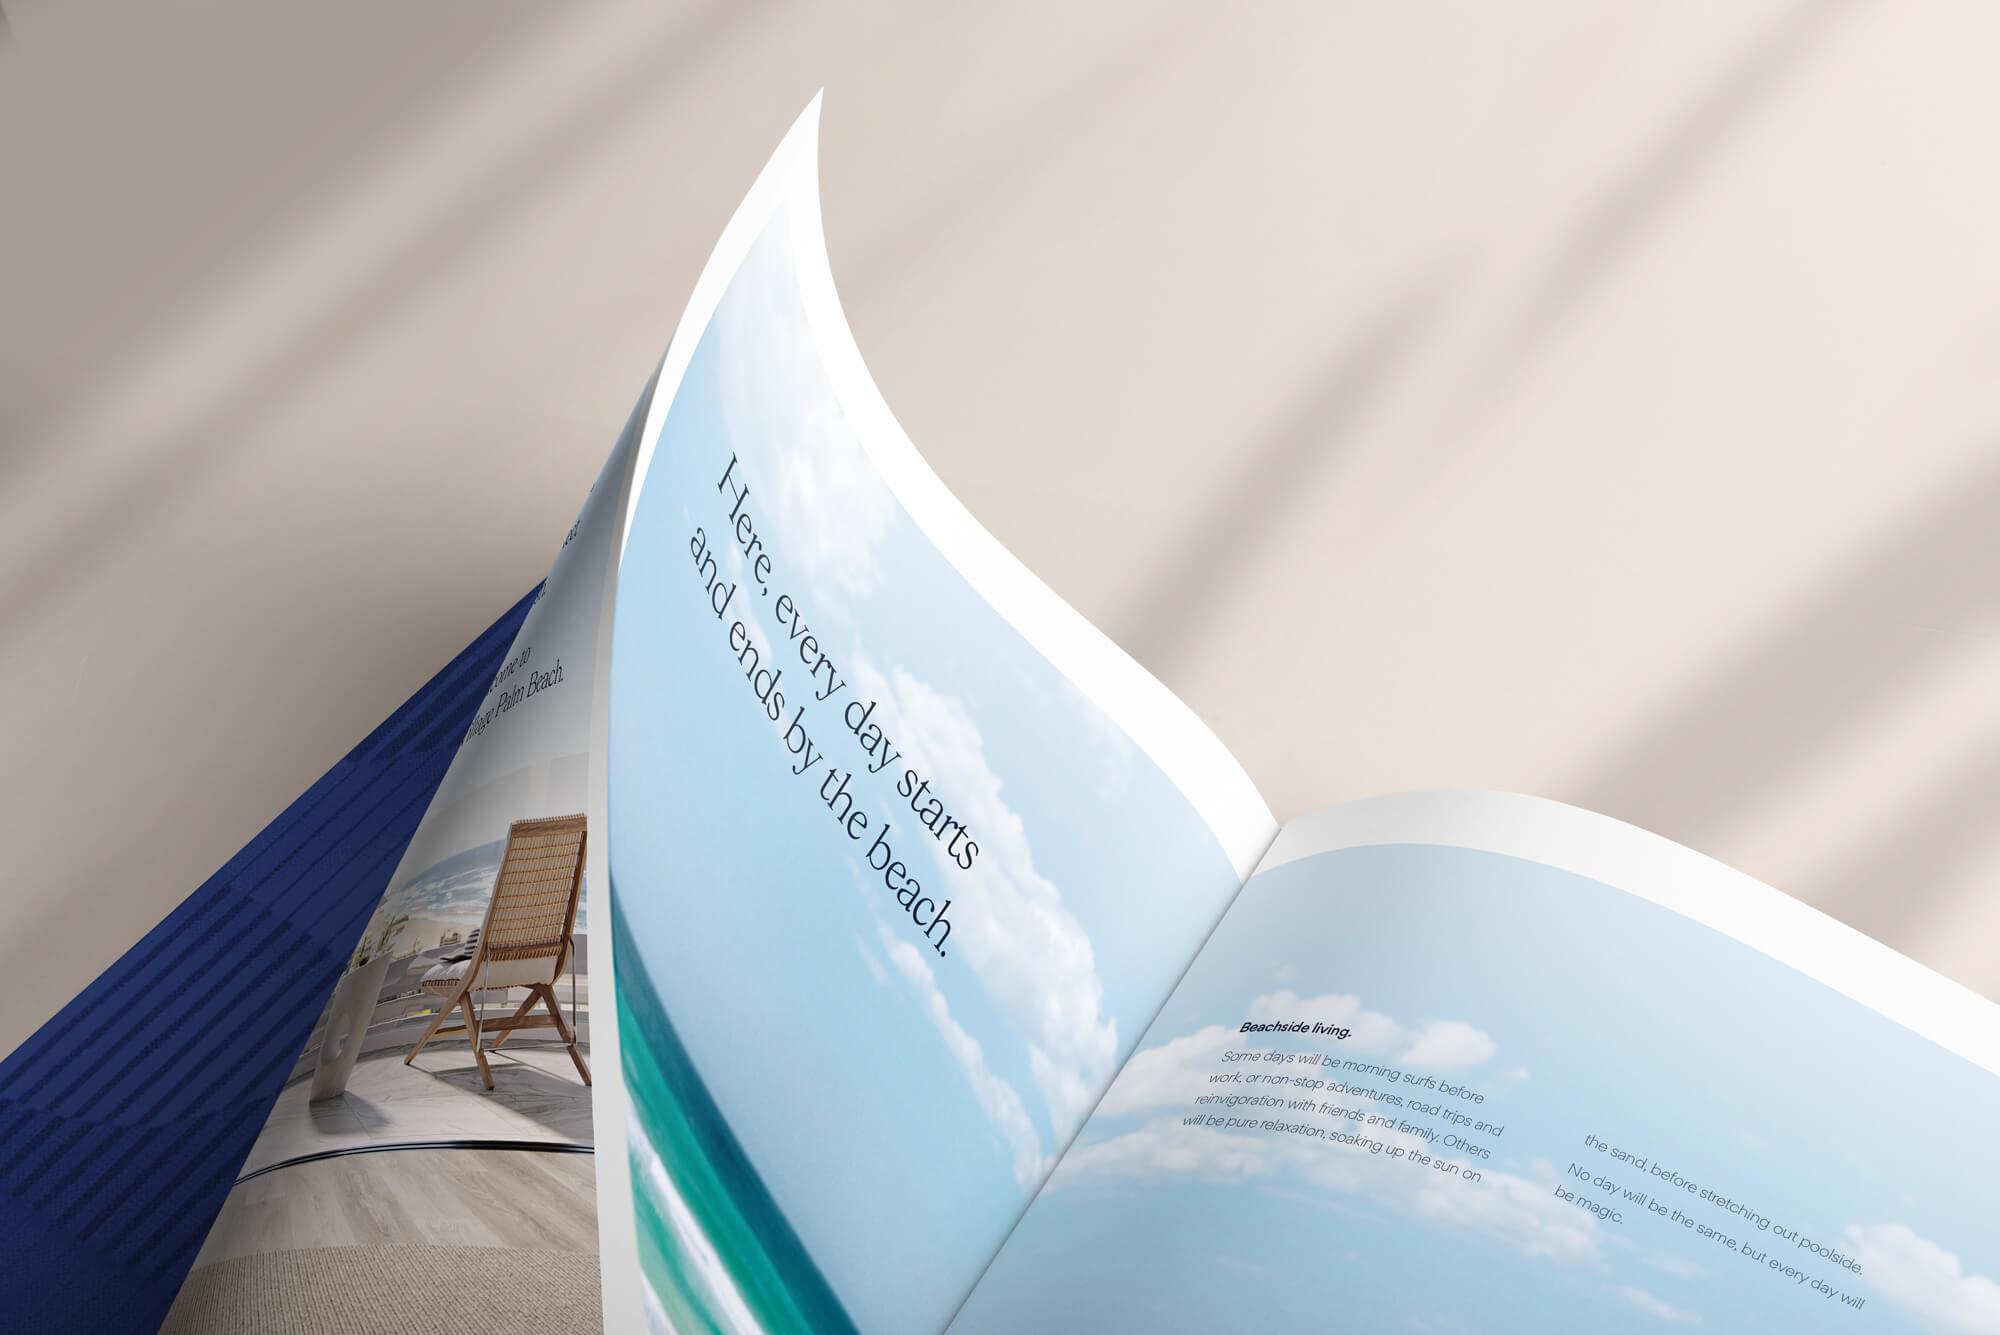 Village-brochures-details